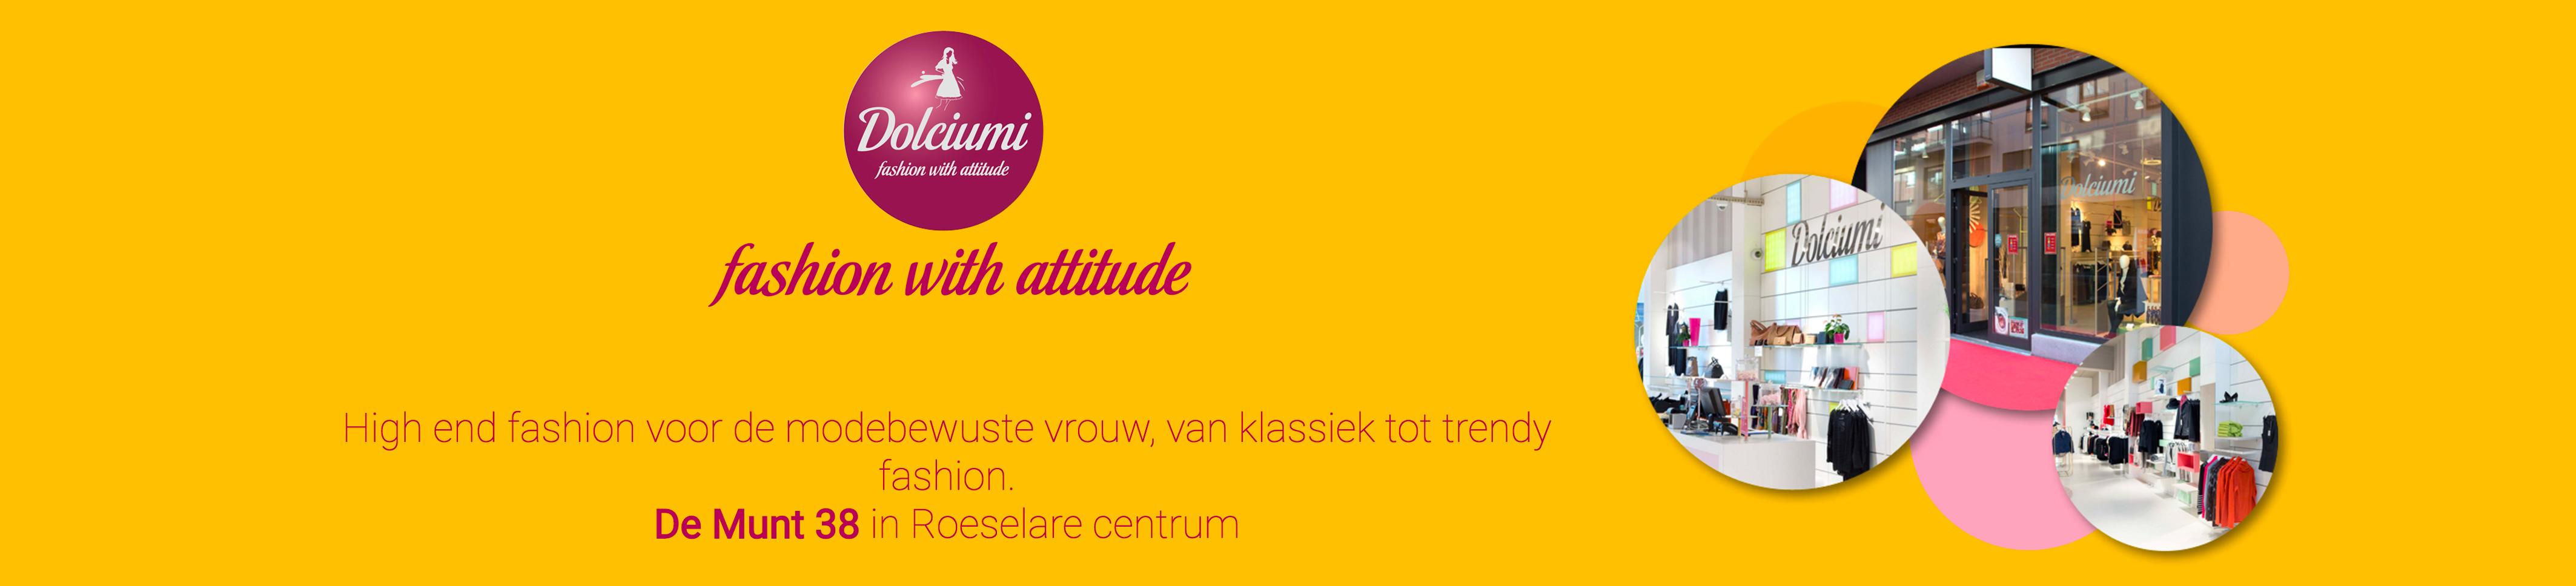 Dolciumi De munt Roeselare - vorige website